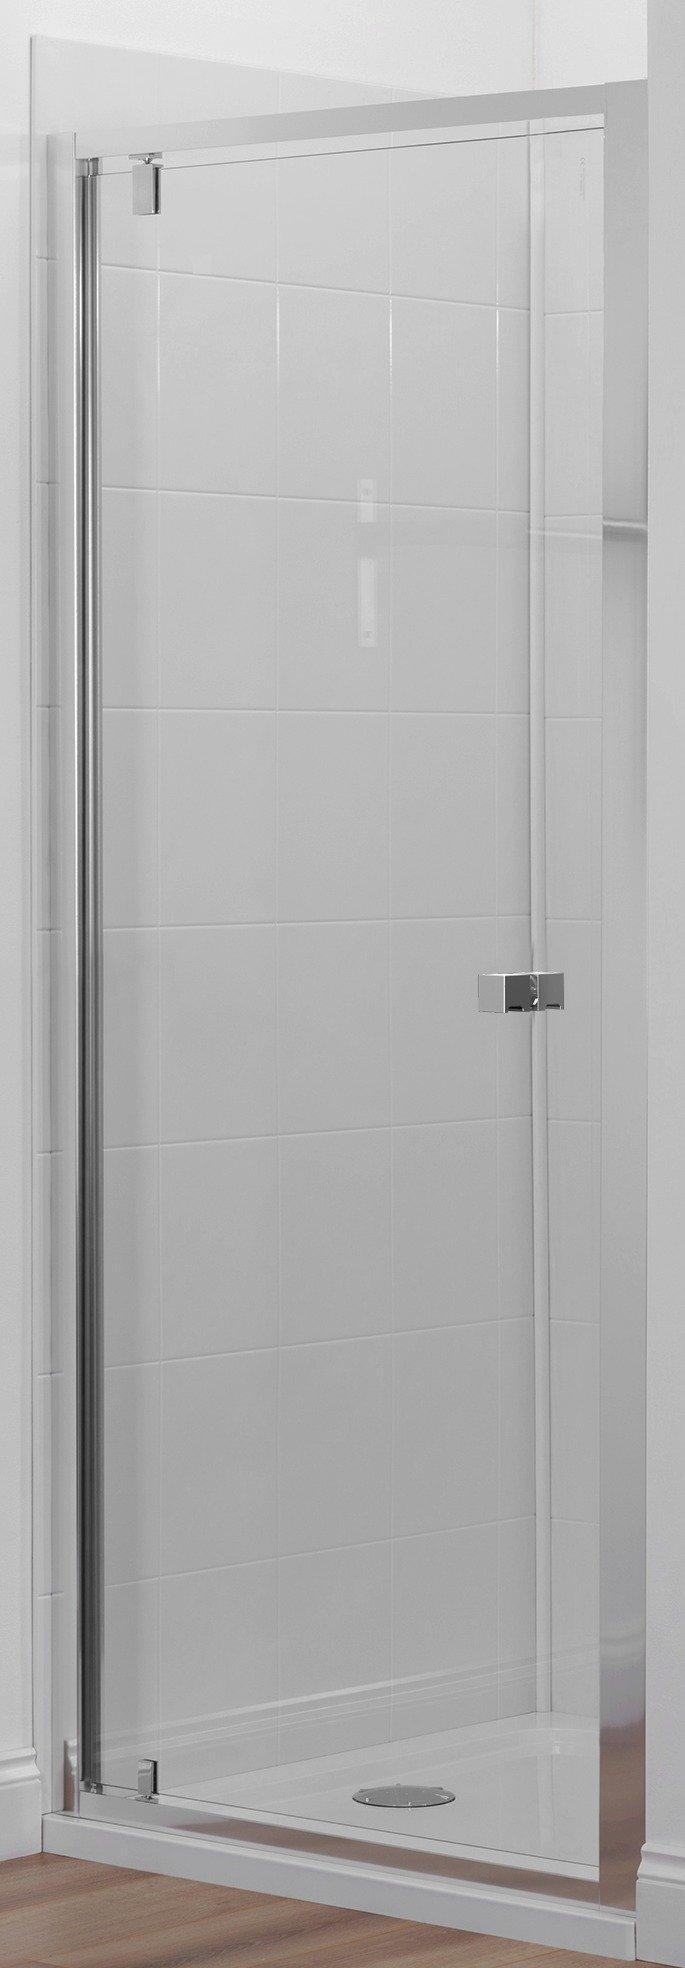 Jacob Delafon E14P80-GA Mampara de ducha, Sin acabado: Amazon.es: Bricolaje y herramientas